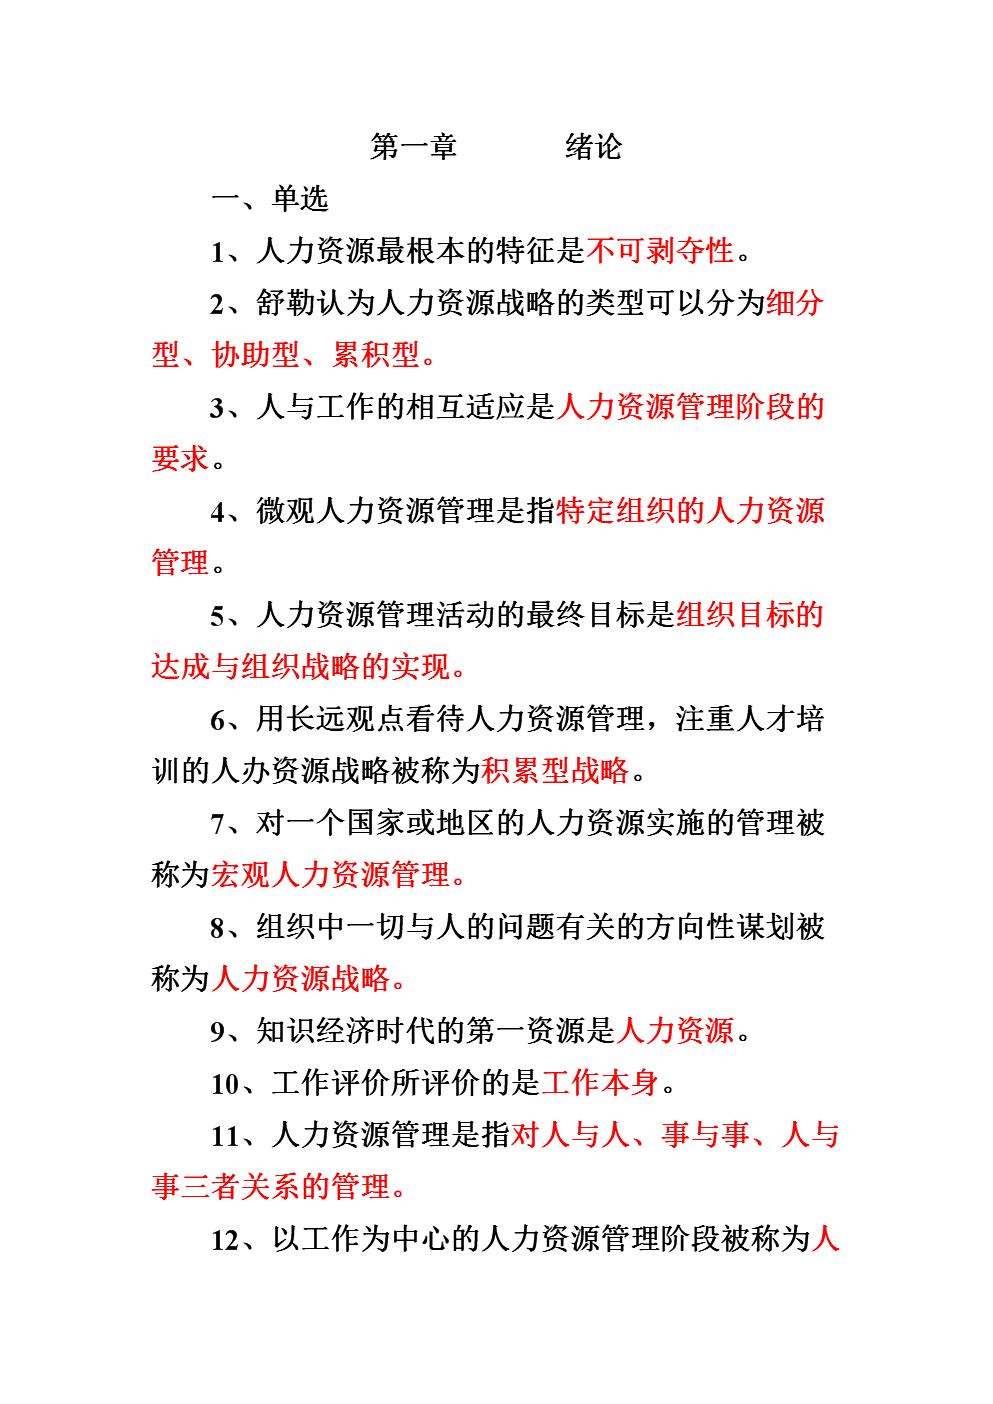 人力资源假期复习资料.doc